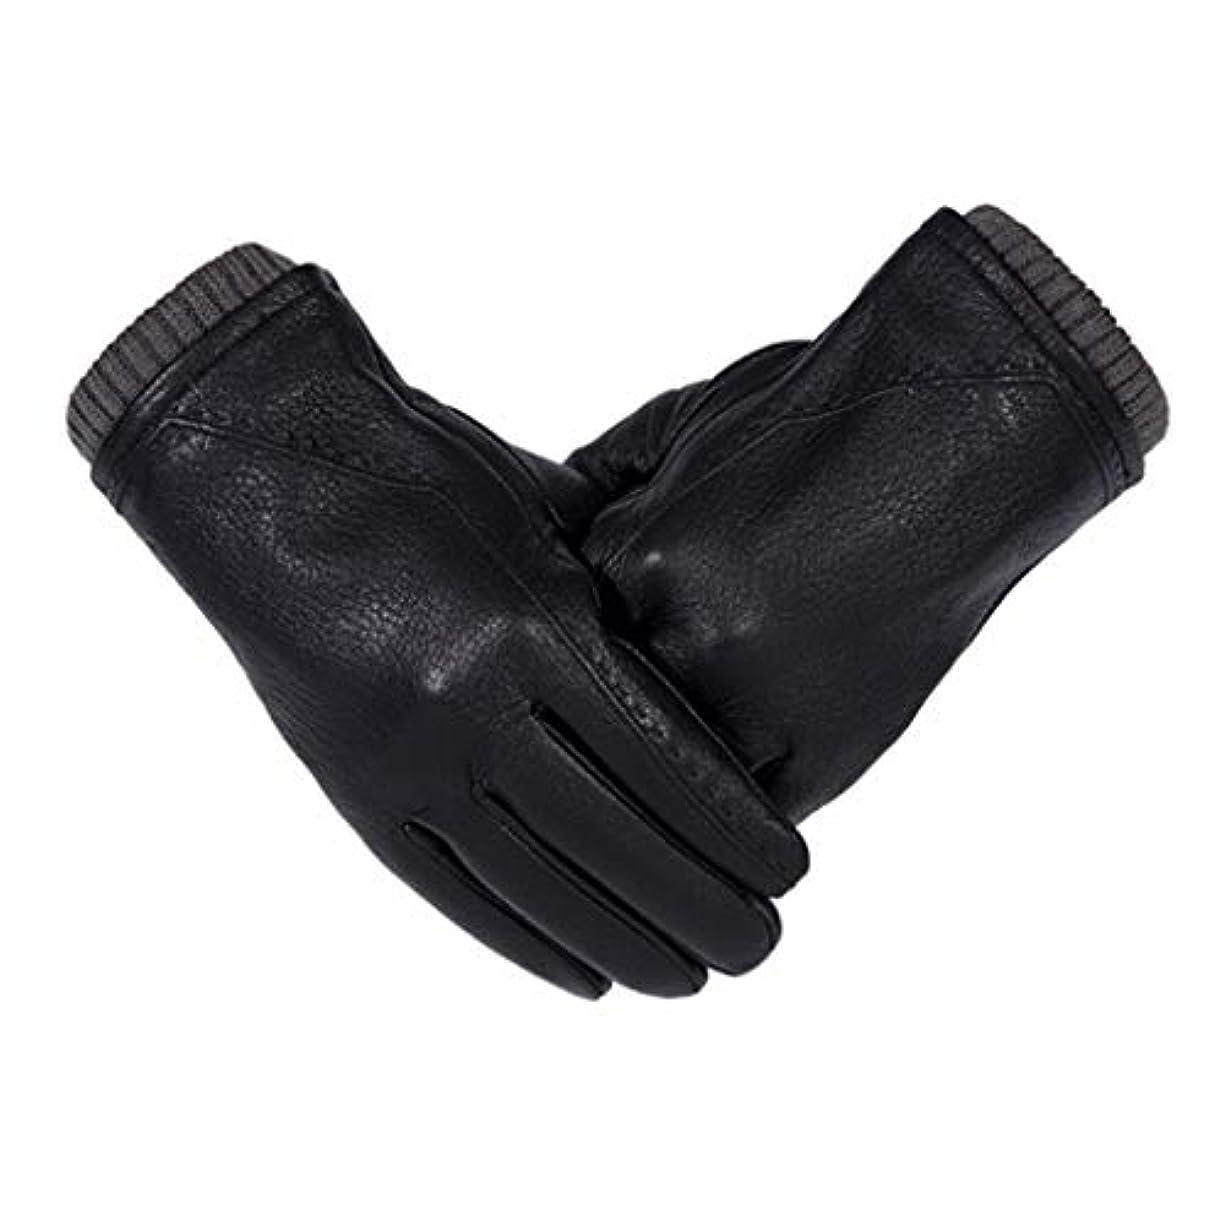 憤る失礼な嫌な革の手袋男性の冬の厚いタッチタッチスクリーン駆動サイクリング男性の暖かい手袋